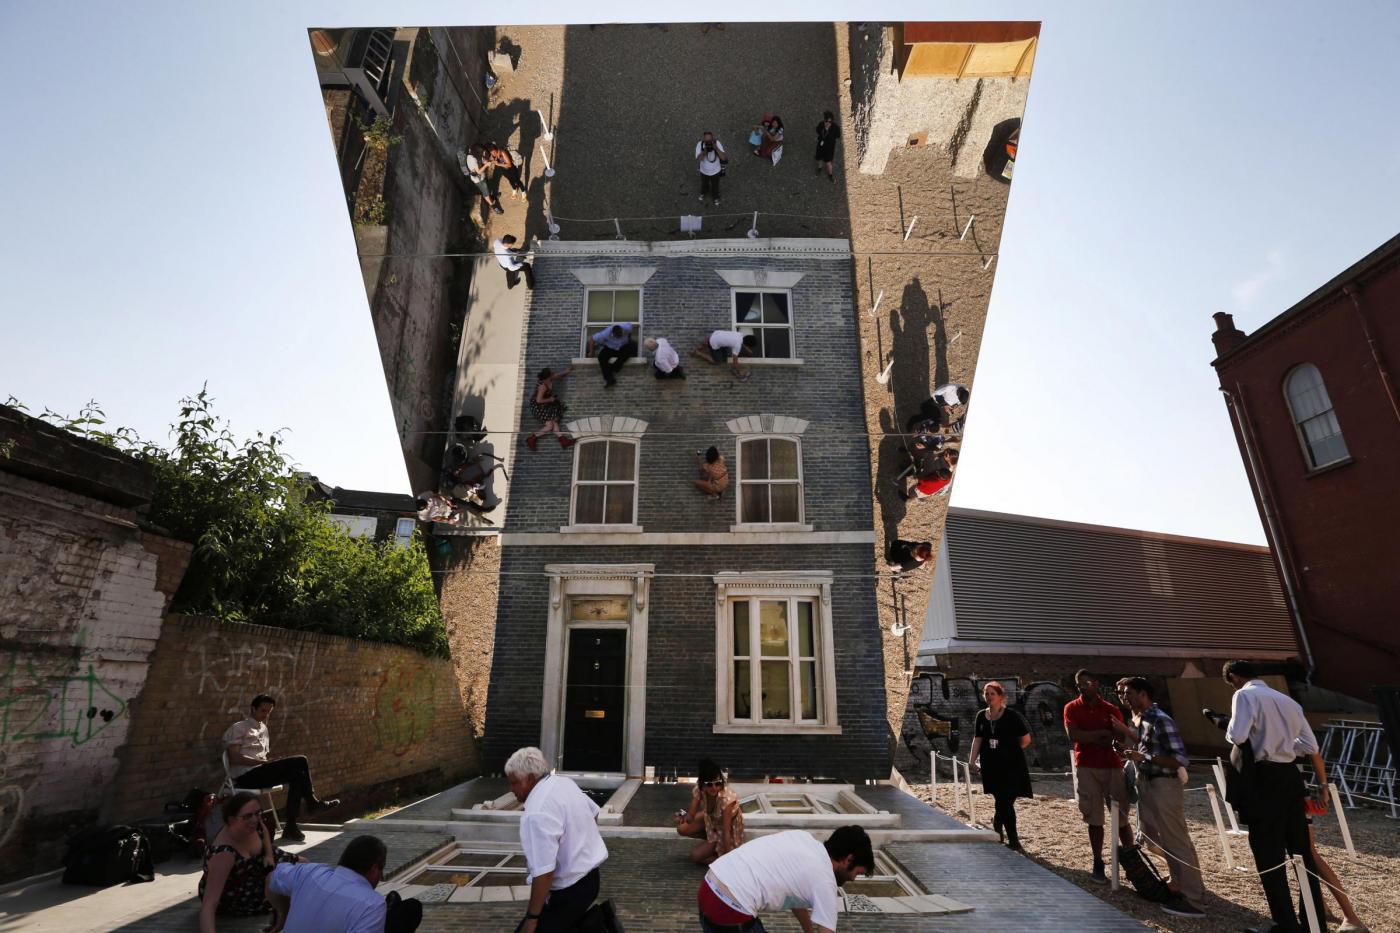 Londra la casa degli specchi di leandro erlich foto - Specchi in casa ...